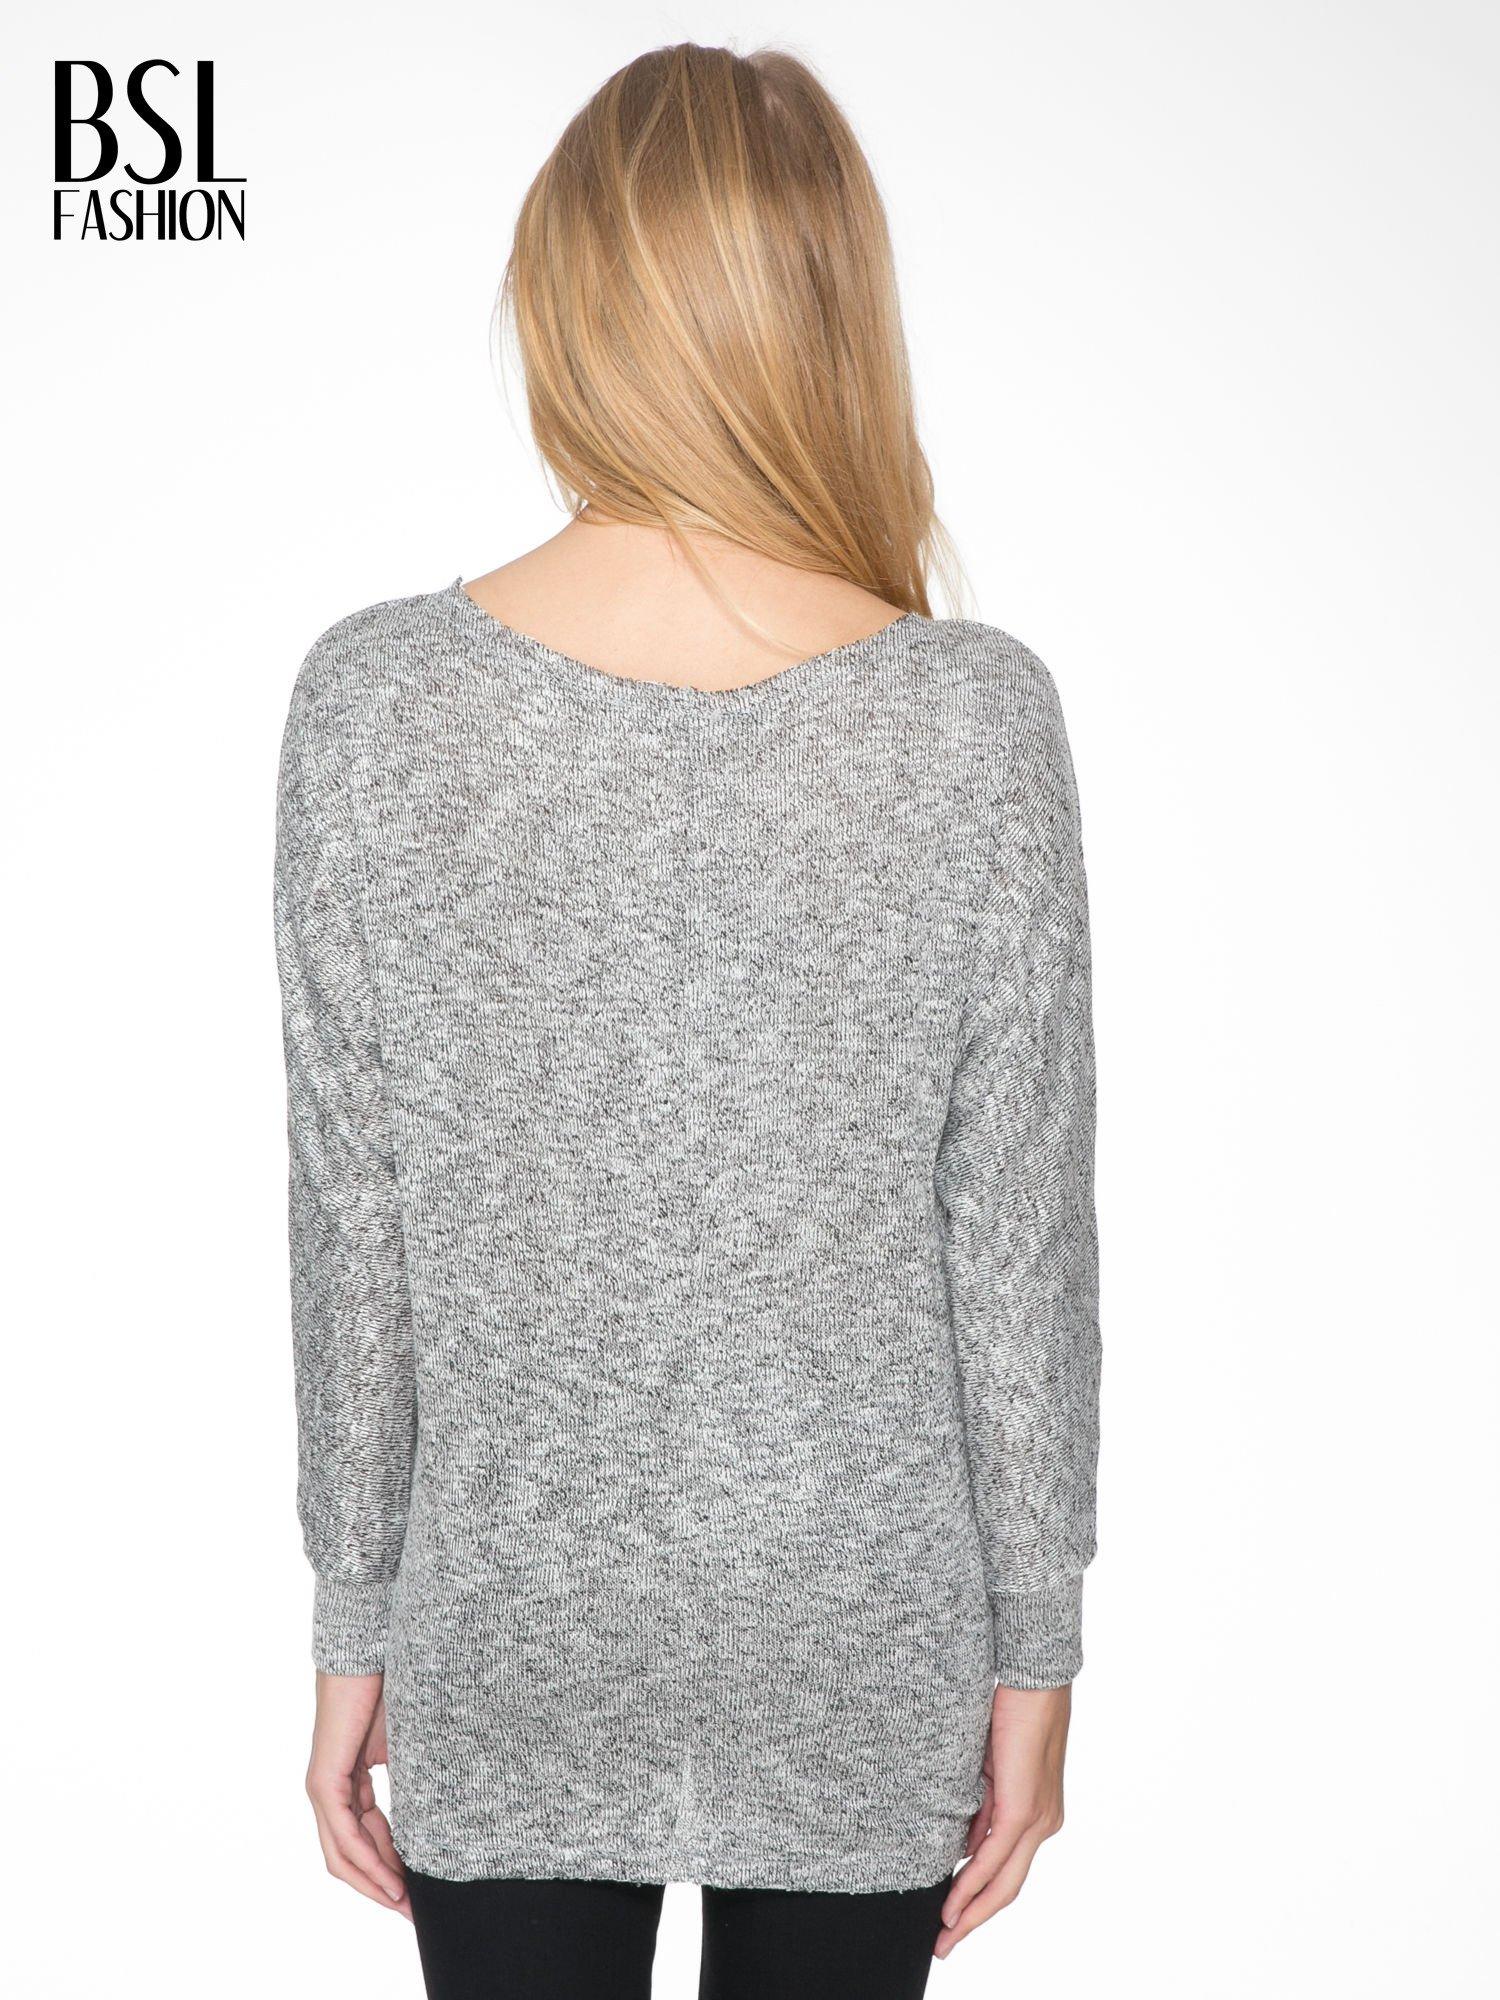 Szary melanżowy sweterek o luźnym kroju z kieszonką                                  zdj.                                  4